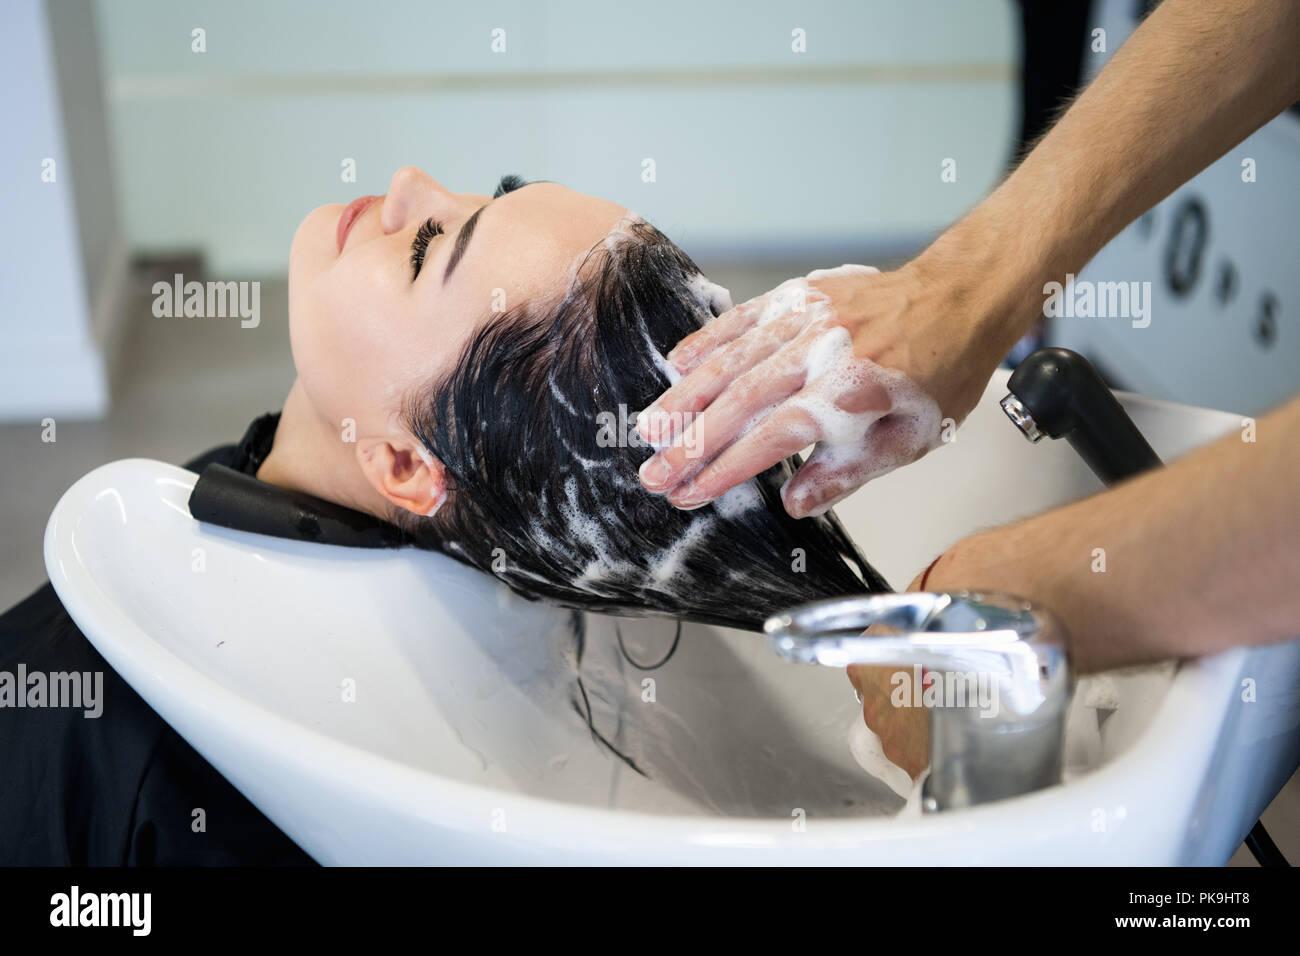 Méconnaissable coiffeur professionnel lavage des cheveux de son client. Belle coiffure laver les cheveux de sa cliente dame en coiffure. Séance du client avec les yeux fermés. Photo Stock